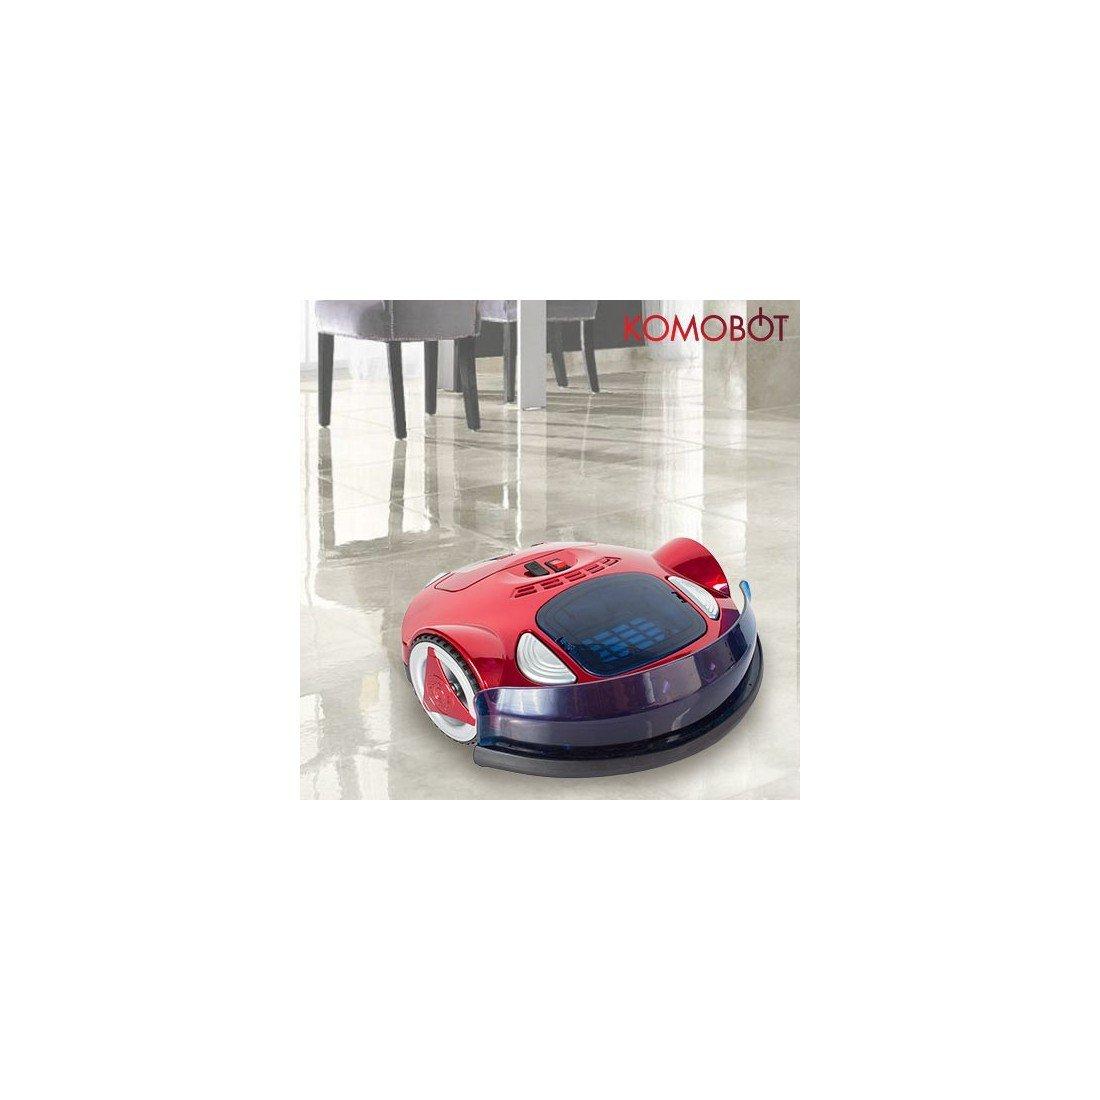 Omnidomo-KomoBot-Robot Aspirador Inteligente, 25 W, Batería de Alta Capacidad, Depósito de 140 ml, Autonomía 30 min: Amazon.es: Hogar